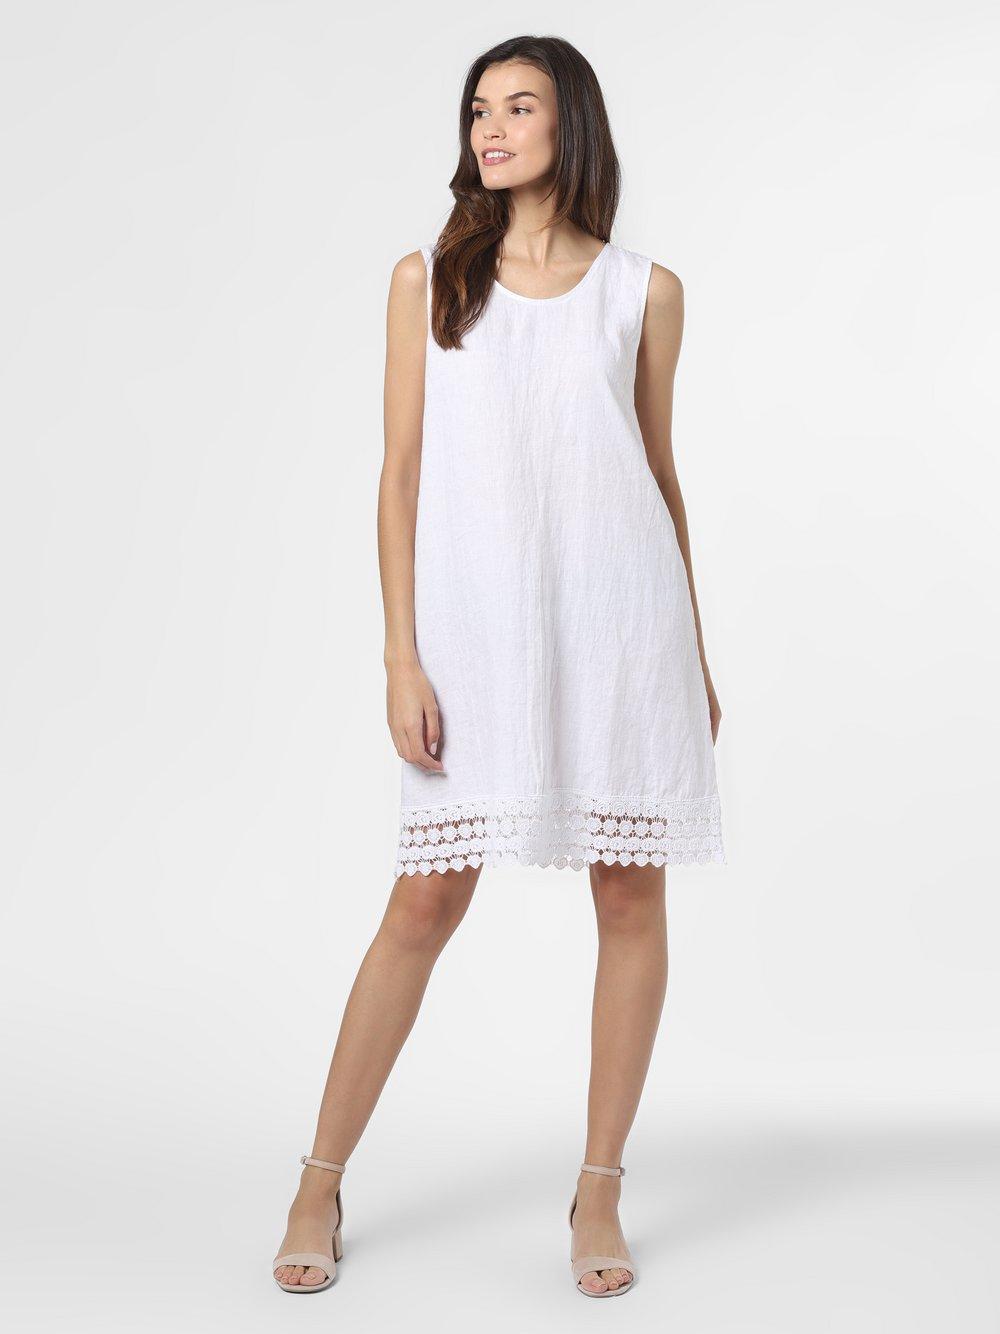 Cartoon Daydream – Damska sukienka lniana, biały Van Graaf 489748-0001-00360